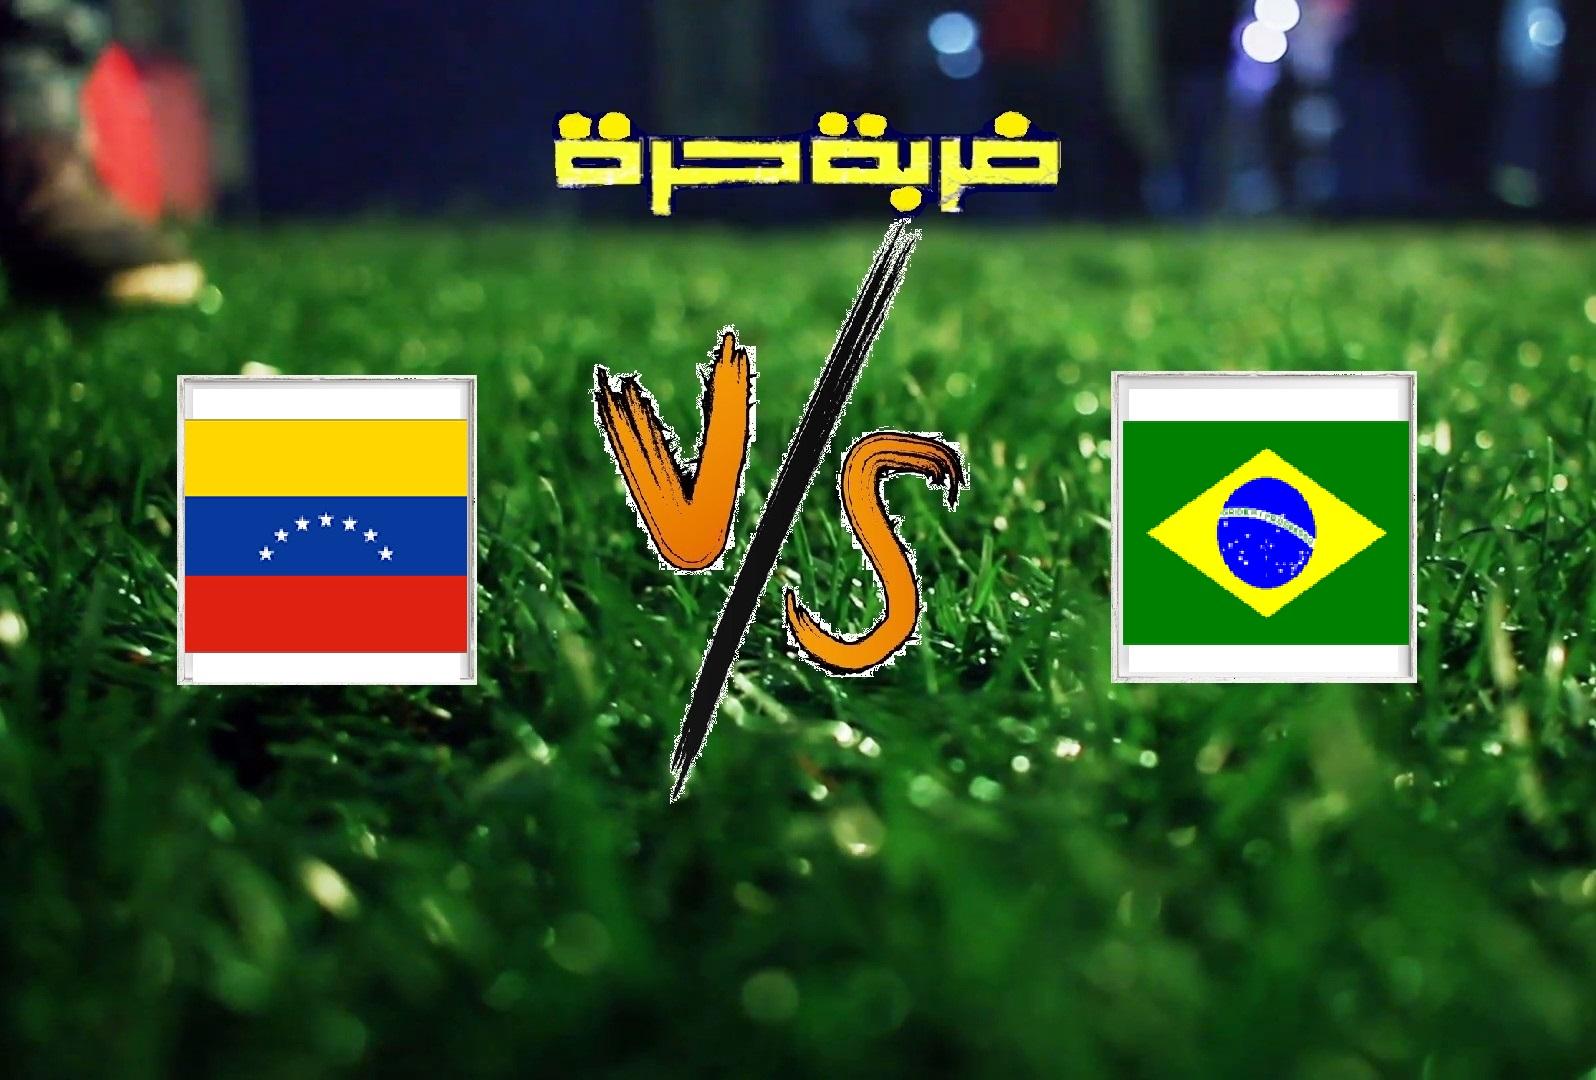 نتيجة مباراة البرازيل وفنزويلا اليوم الاربعاء بتاريخ 19-06-2019 كوبا أمريكا 2019